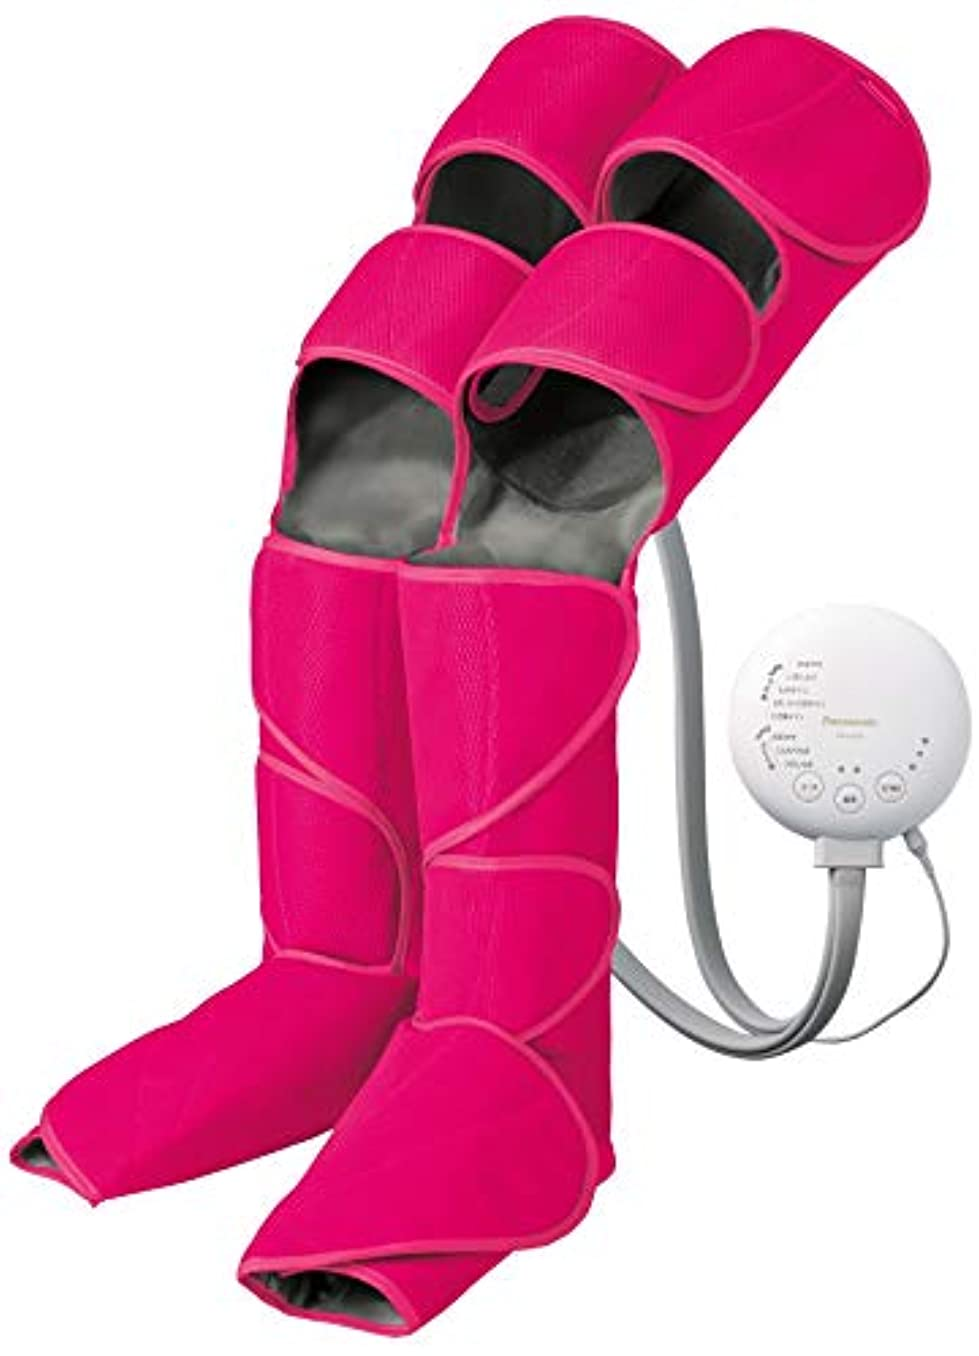 肌寒いエンジニアリングフレームワークパナソニック エアーマッサージャー レッグリフレ ひざ/太もも巻き対応 温感機能搭載 ルージュピンク EW-RA98-RP